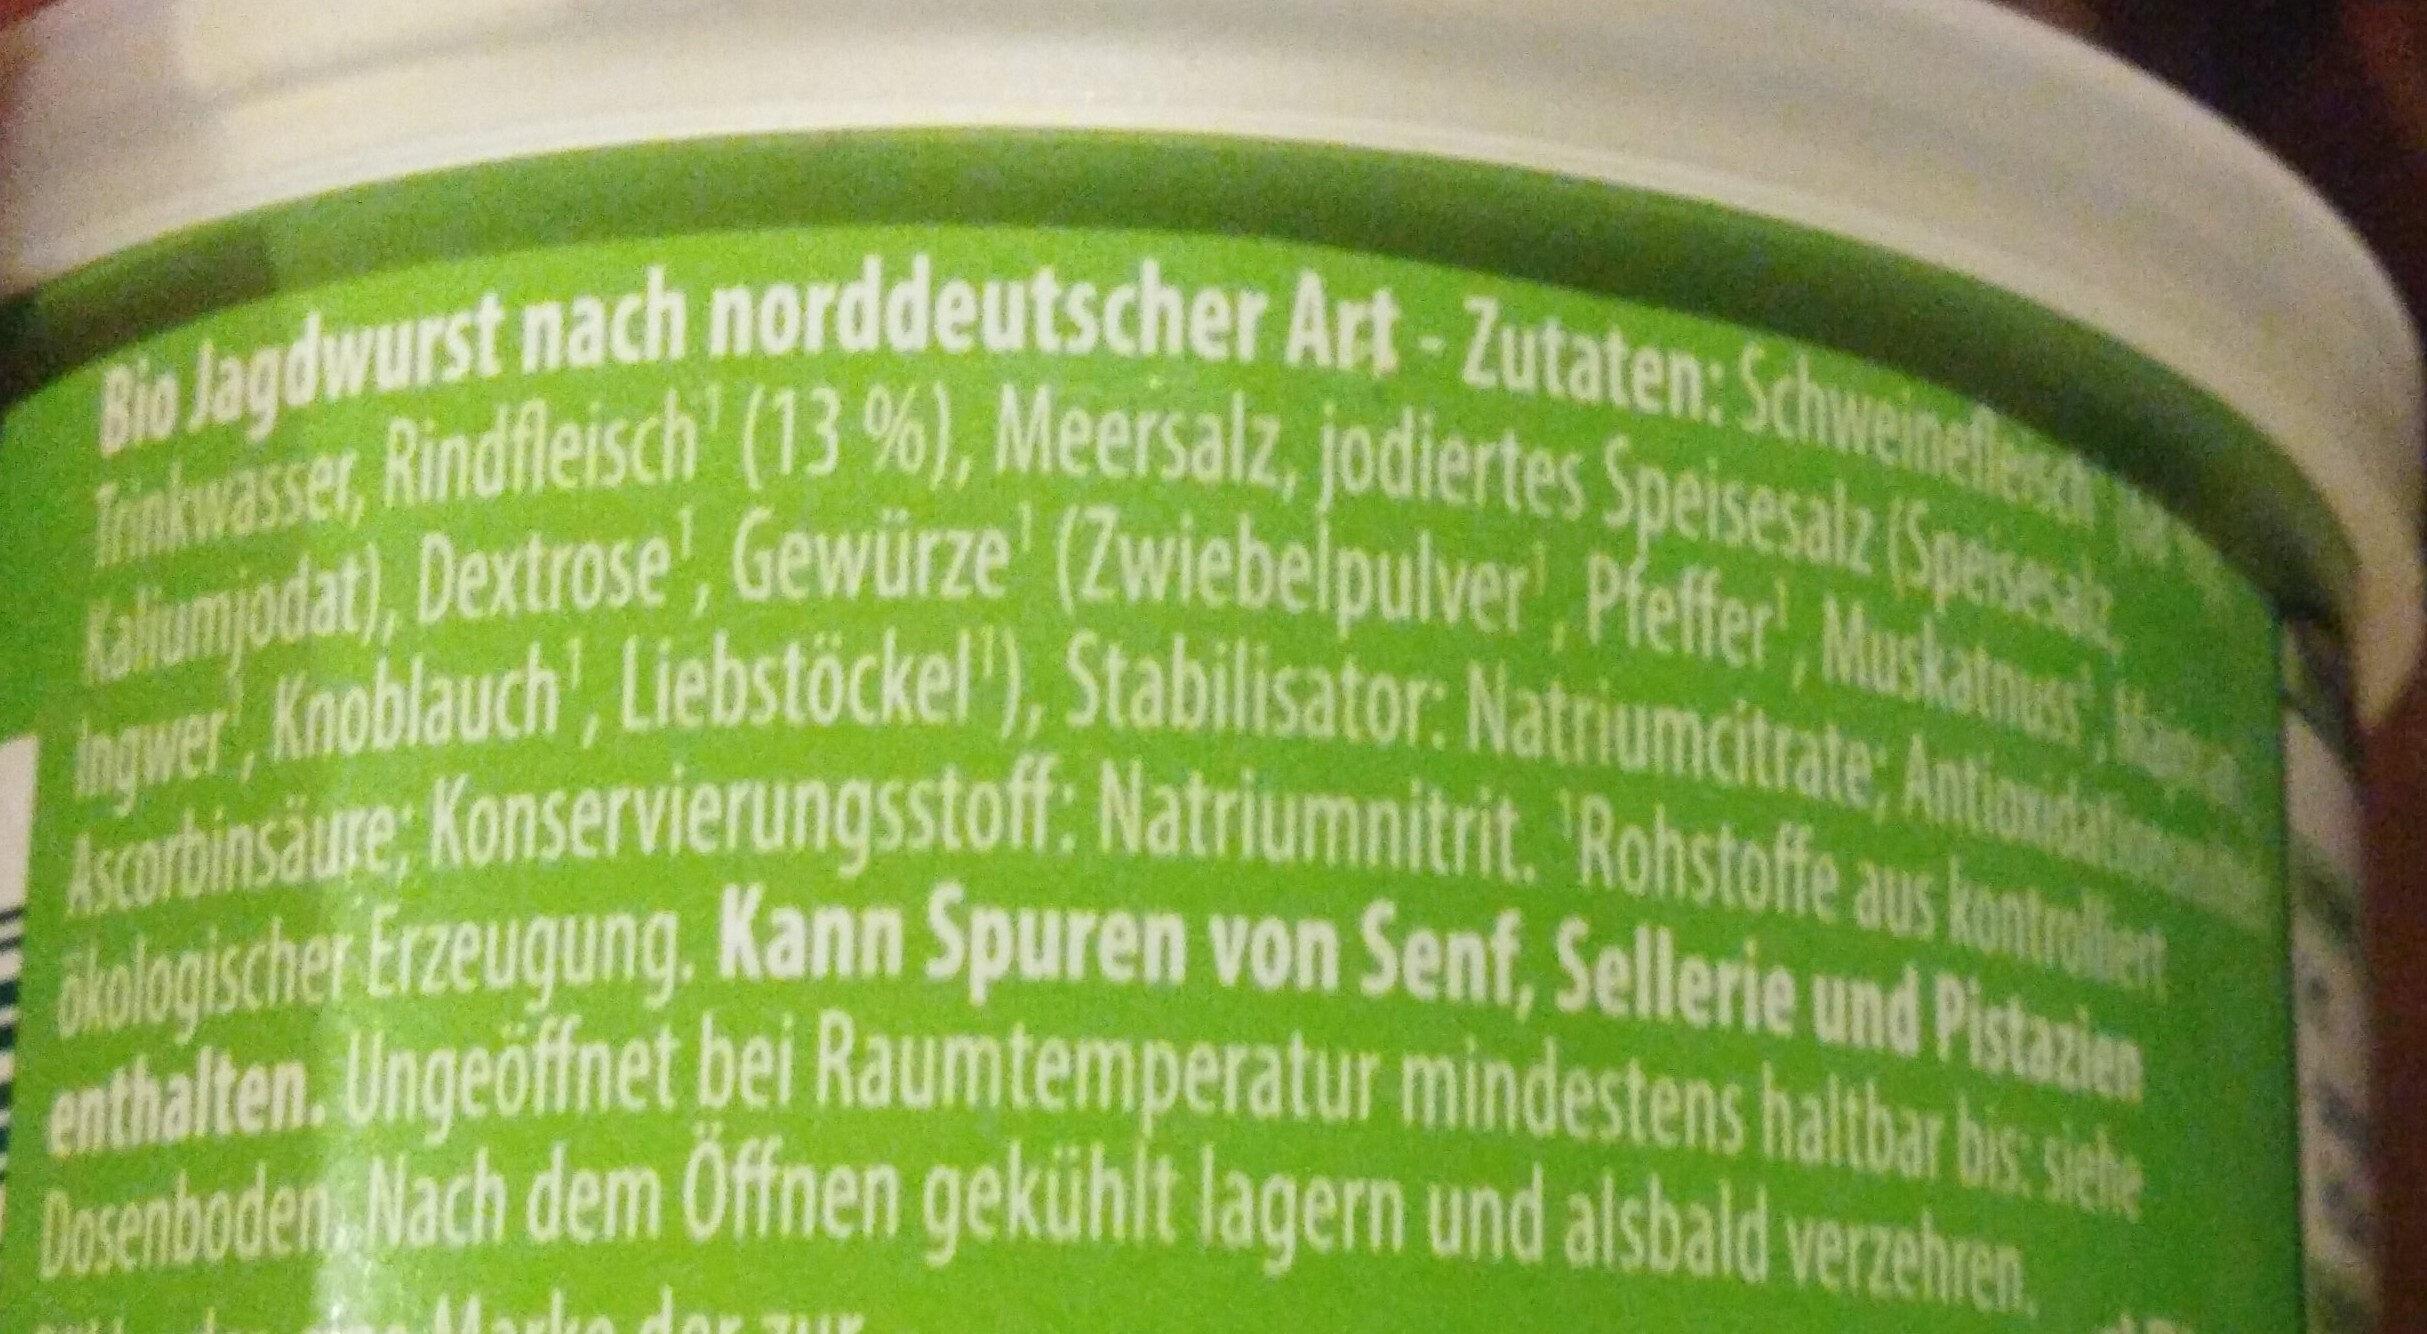 Jagdwurst nach norddeutscher Art - Ingredients - de